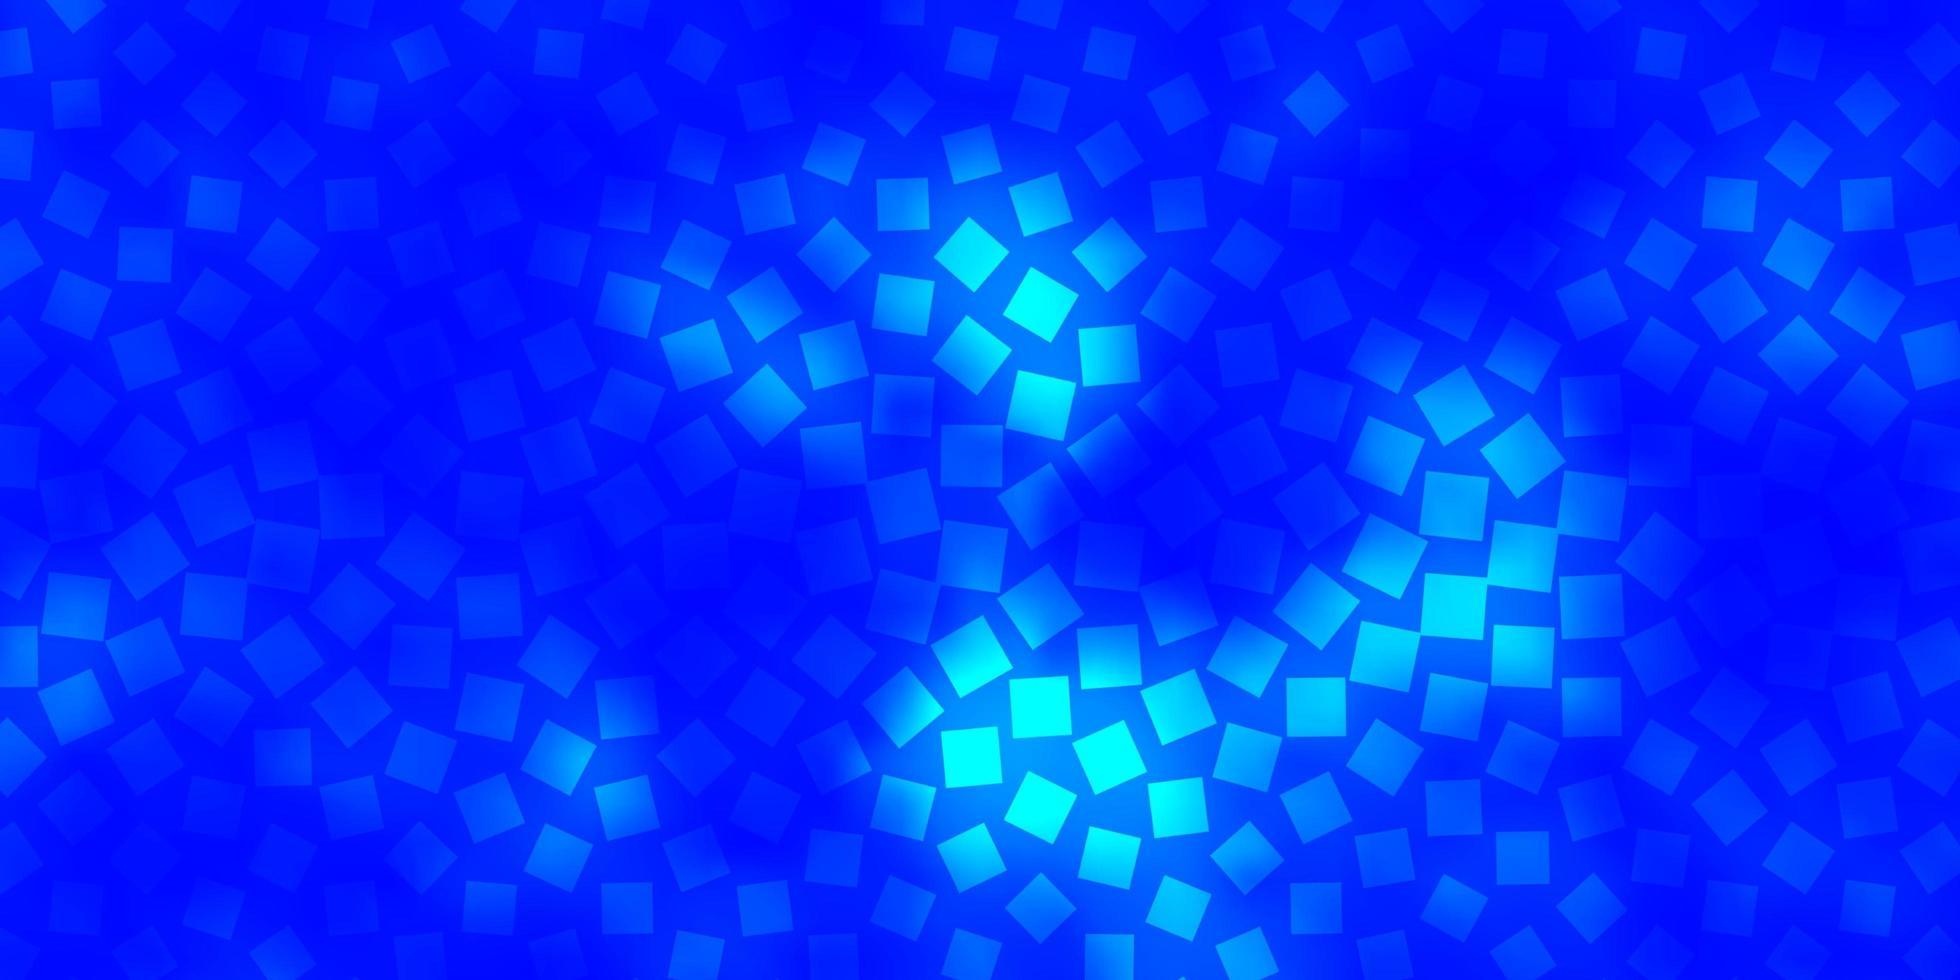 dunkelblauer Vektorhintergrund im polygonalen Stil. vektor